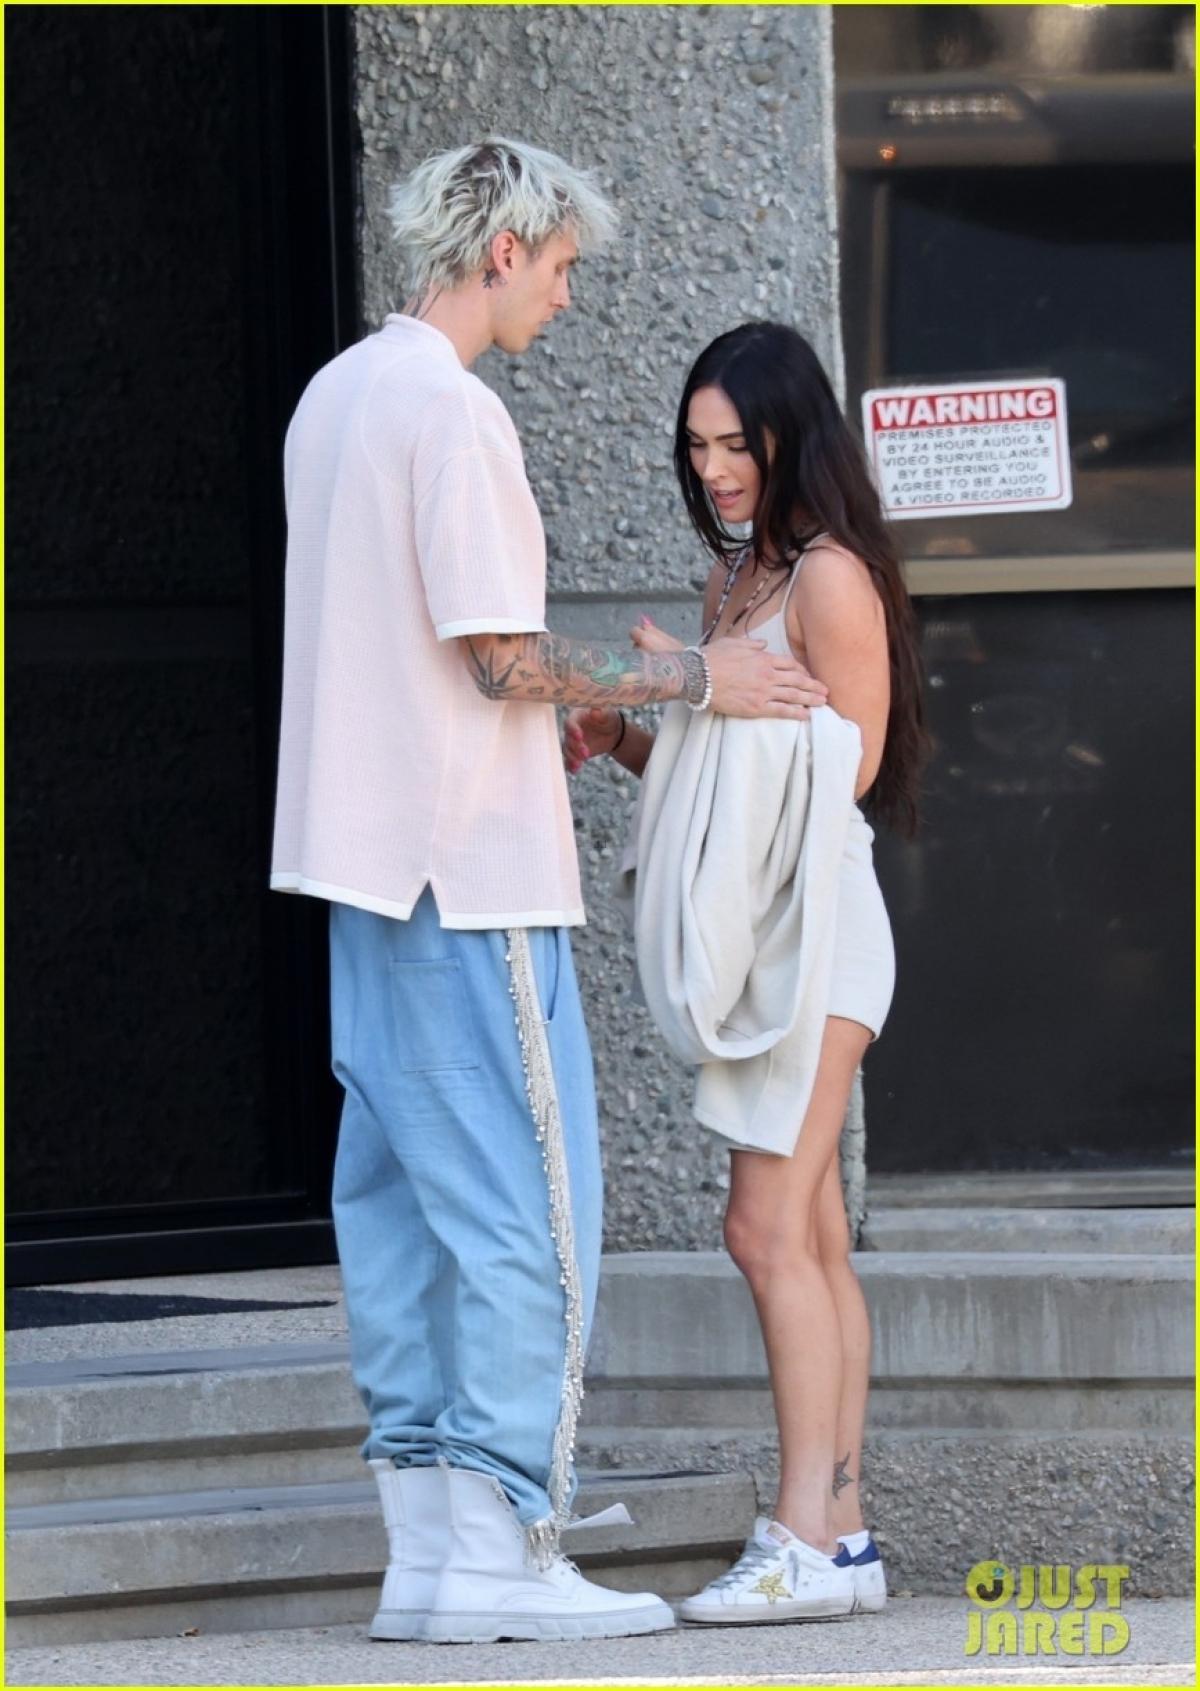 Megan Fox và tình trẻ 'khóa môi' ngọt ngào trên phố trước khi hẹn hò ăn tối lãng mạn Ảnh 4